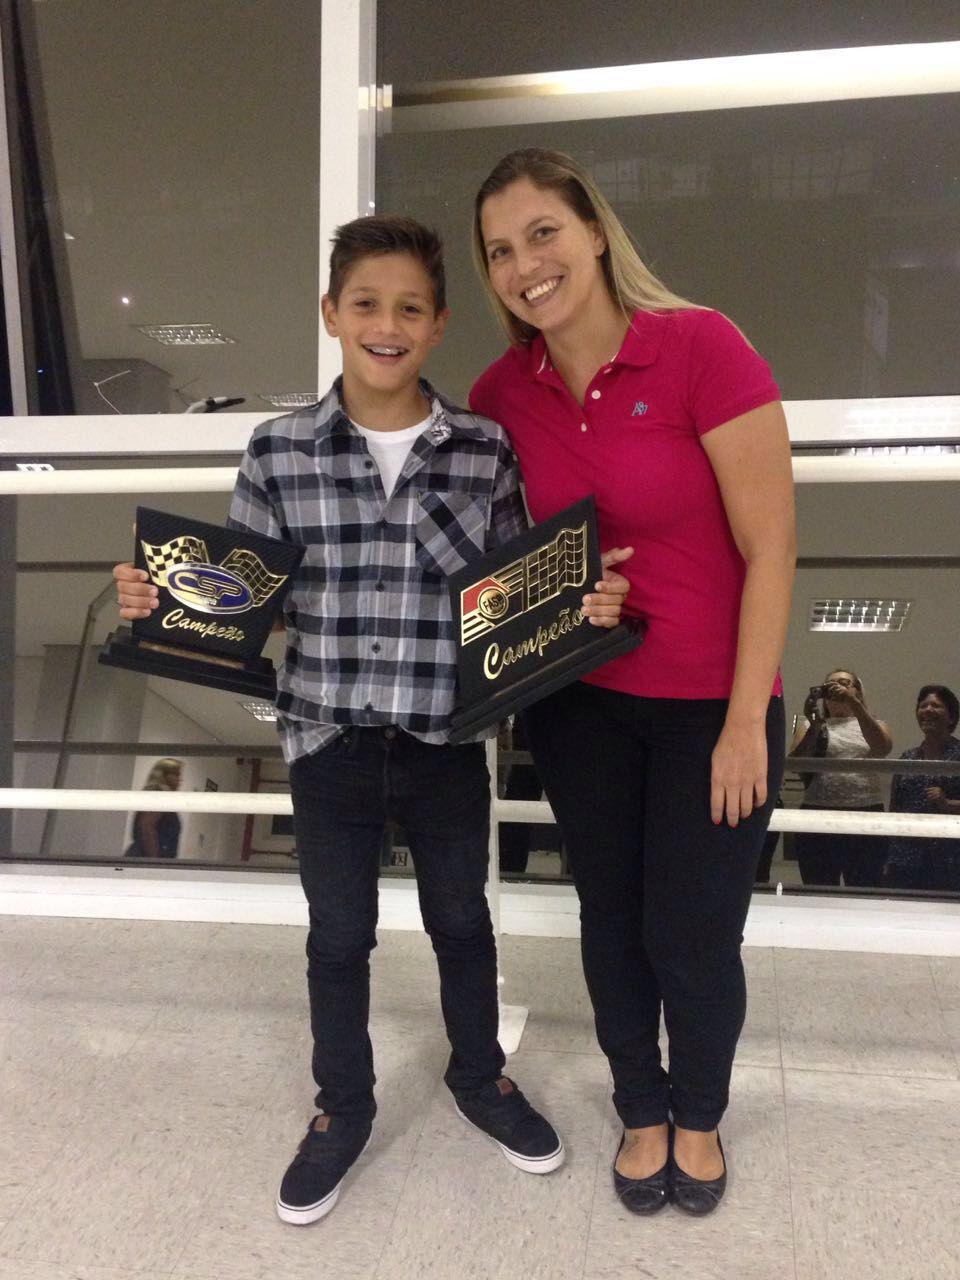 Melhor piloto de kart 2015 em duas categorias - Tribuna autódromo de Interlagos Mar/2016 / com a tia Carolina